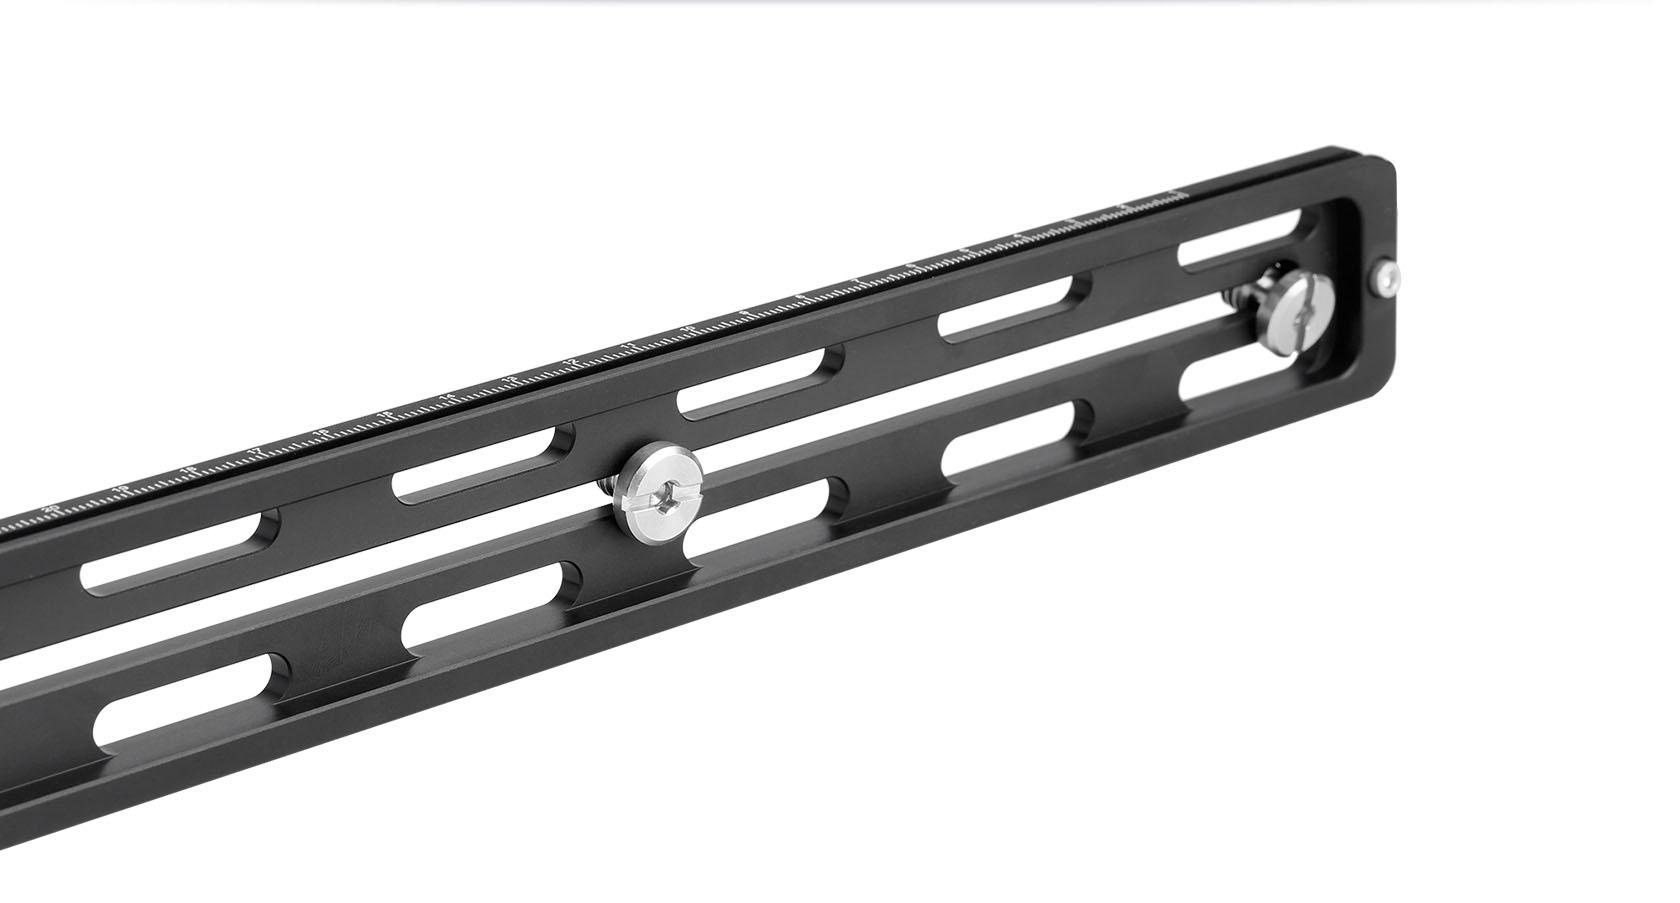 Leofoto VR-250 regleta aligerada en aluminio para teleobjetivos